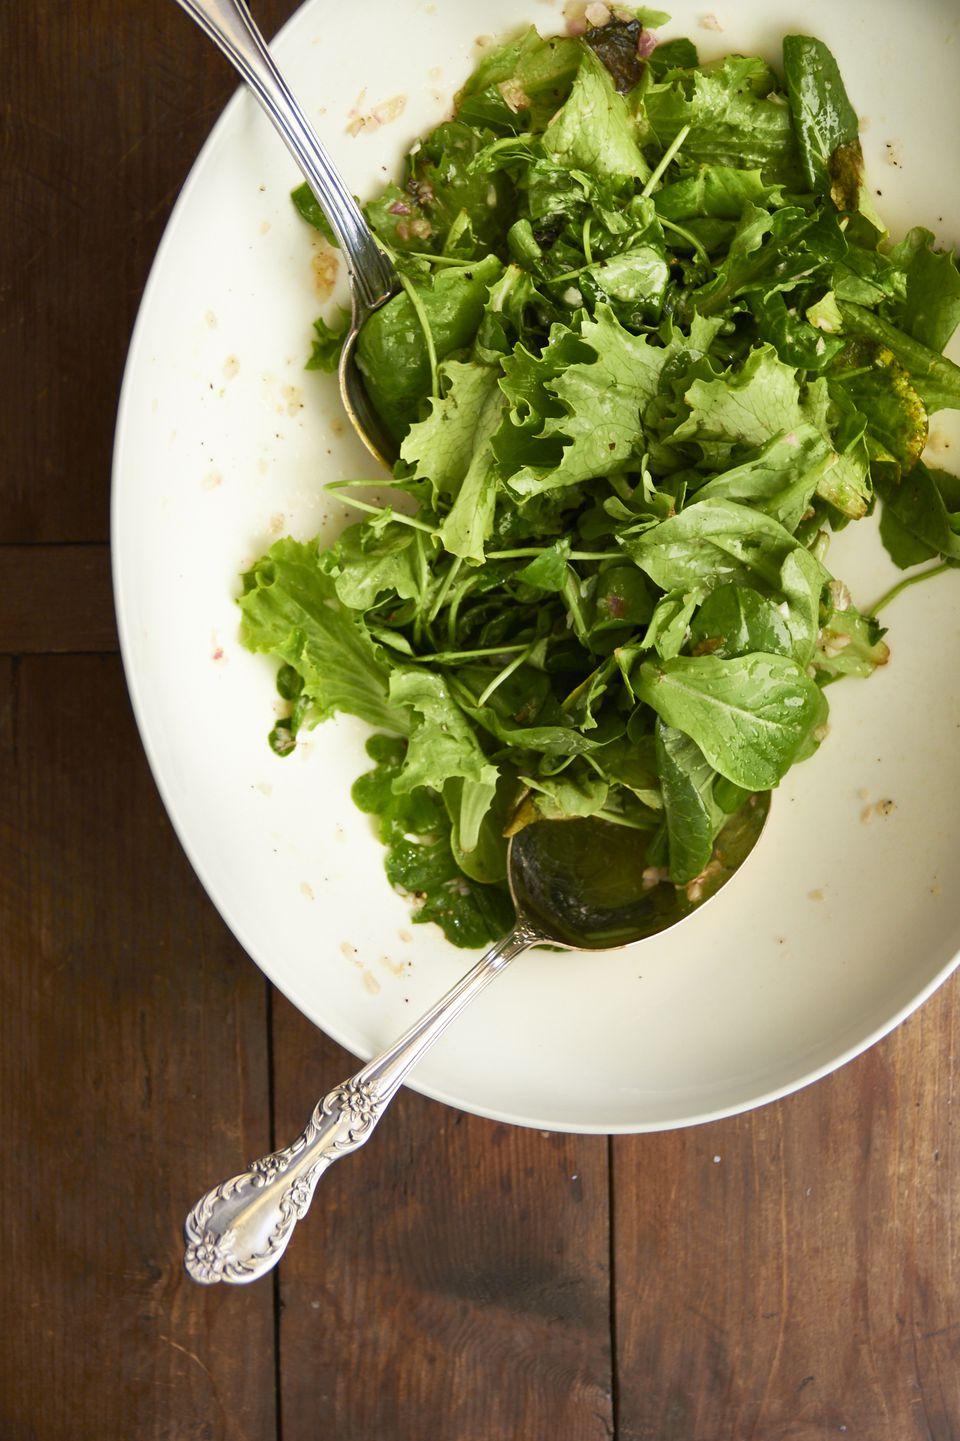 Green Salad with Scallion Mustard Vinaigrette